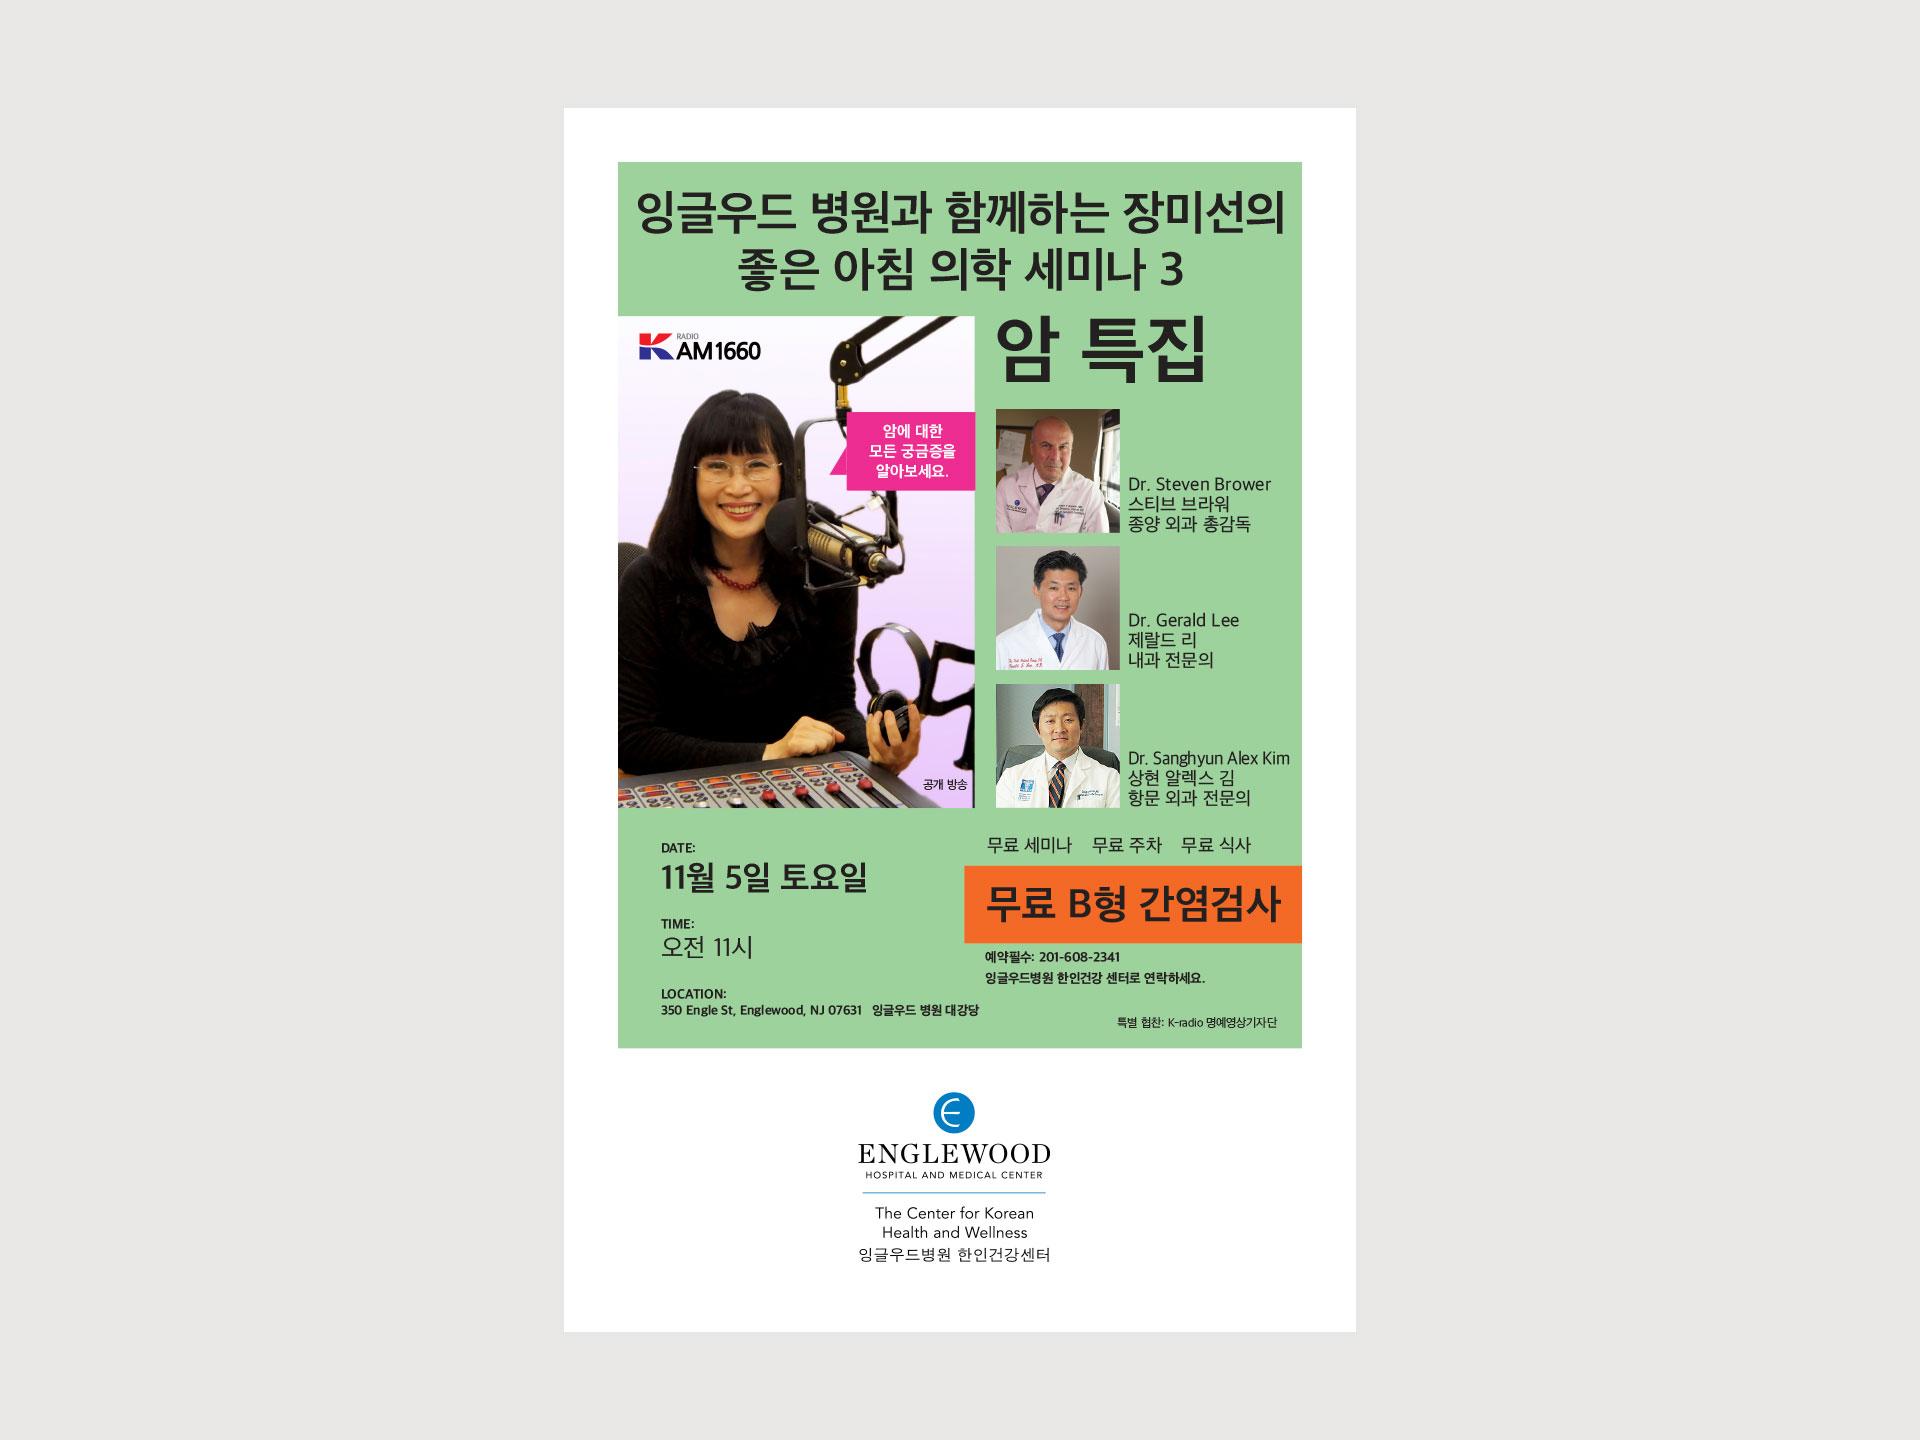 Korean Center event 3